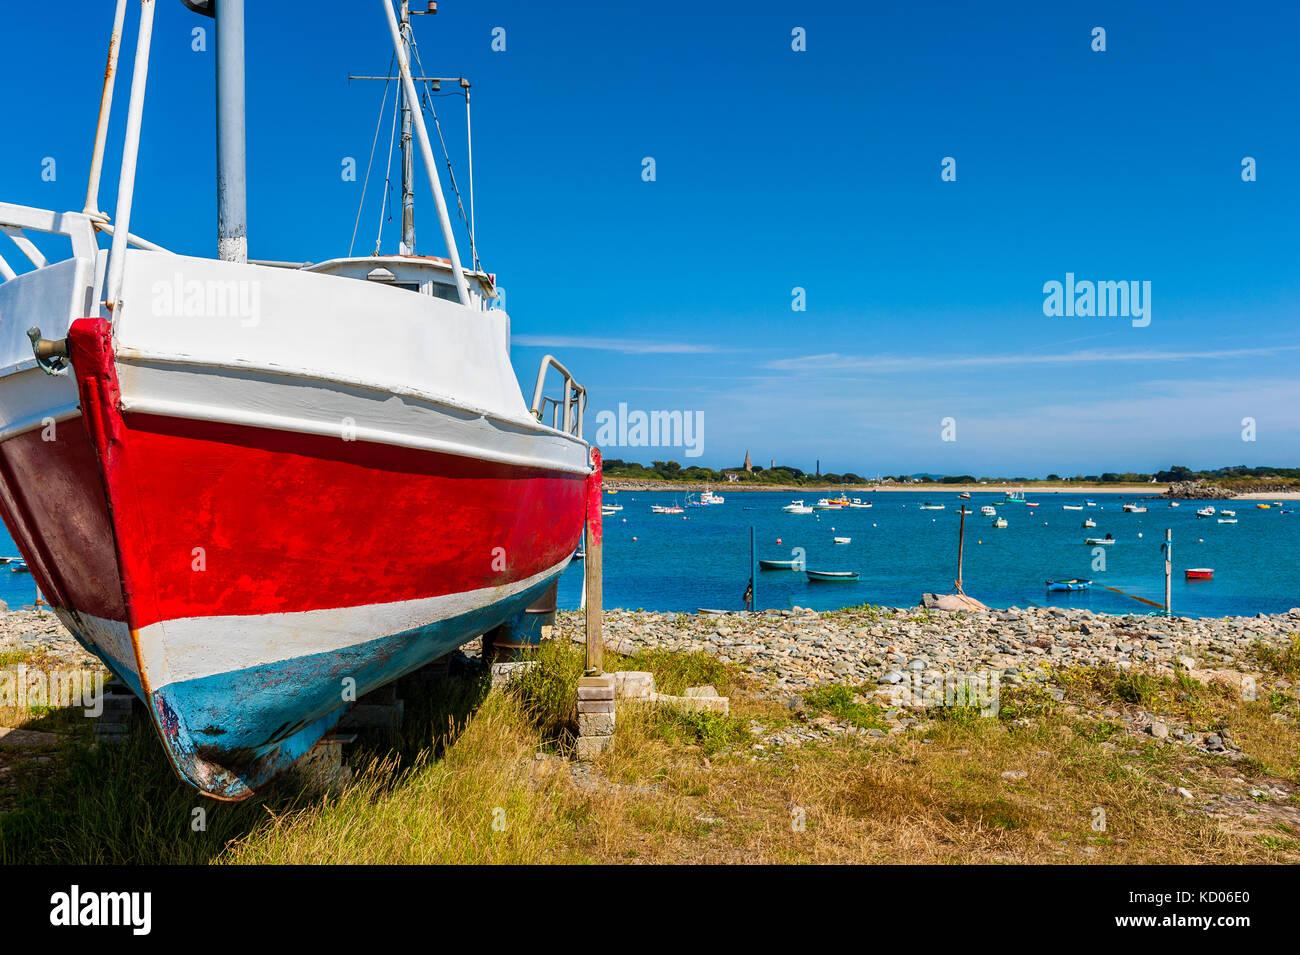 Bateau de pêche sur la côte dans le village de vale, Guernsey, Channel Islands, Royaume-Uni le jour d'été Photo Stock